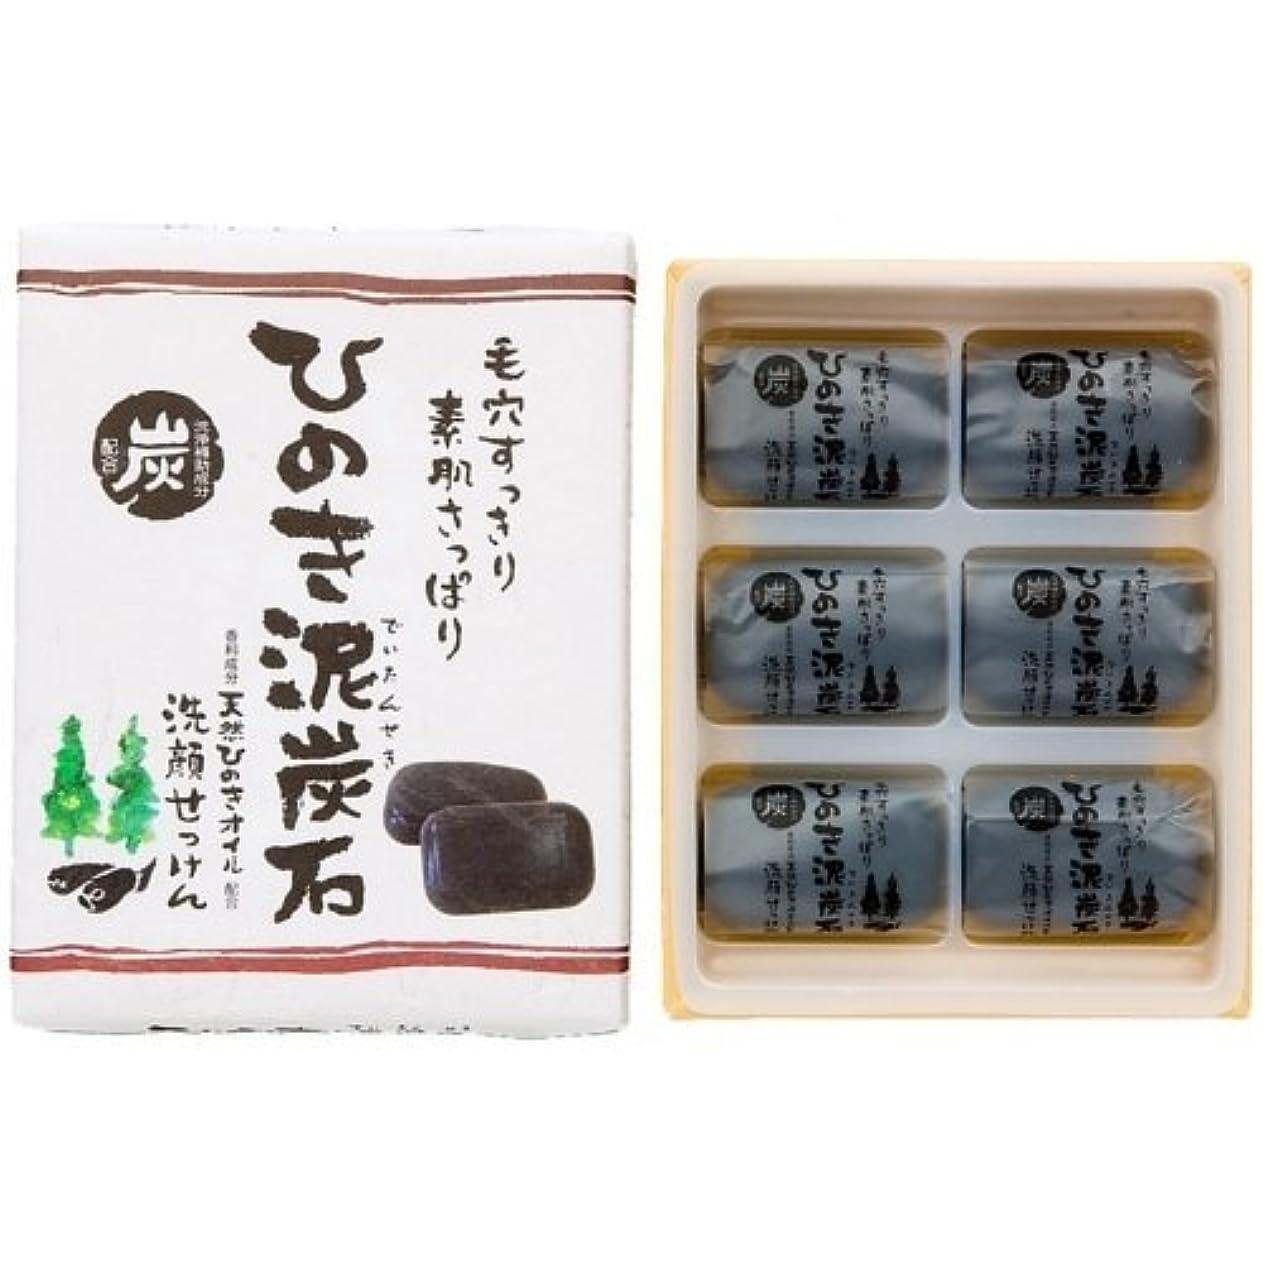 プロペラ出口示すひのき泥炭石 すっきりタイプ 黒 30g×6個入